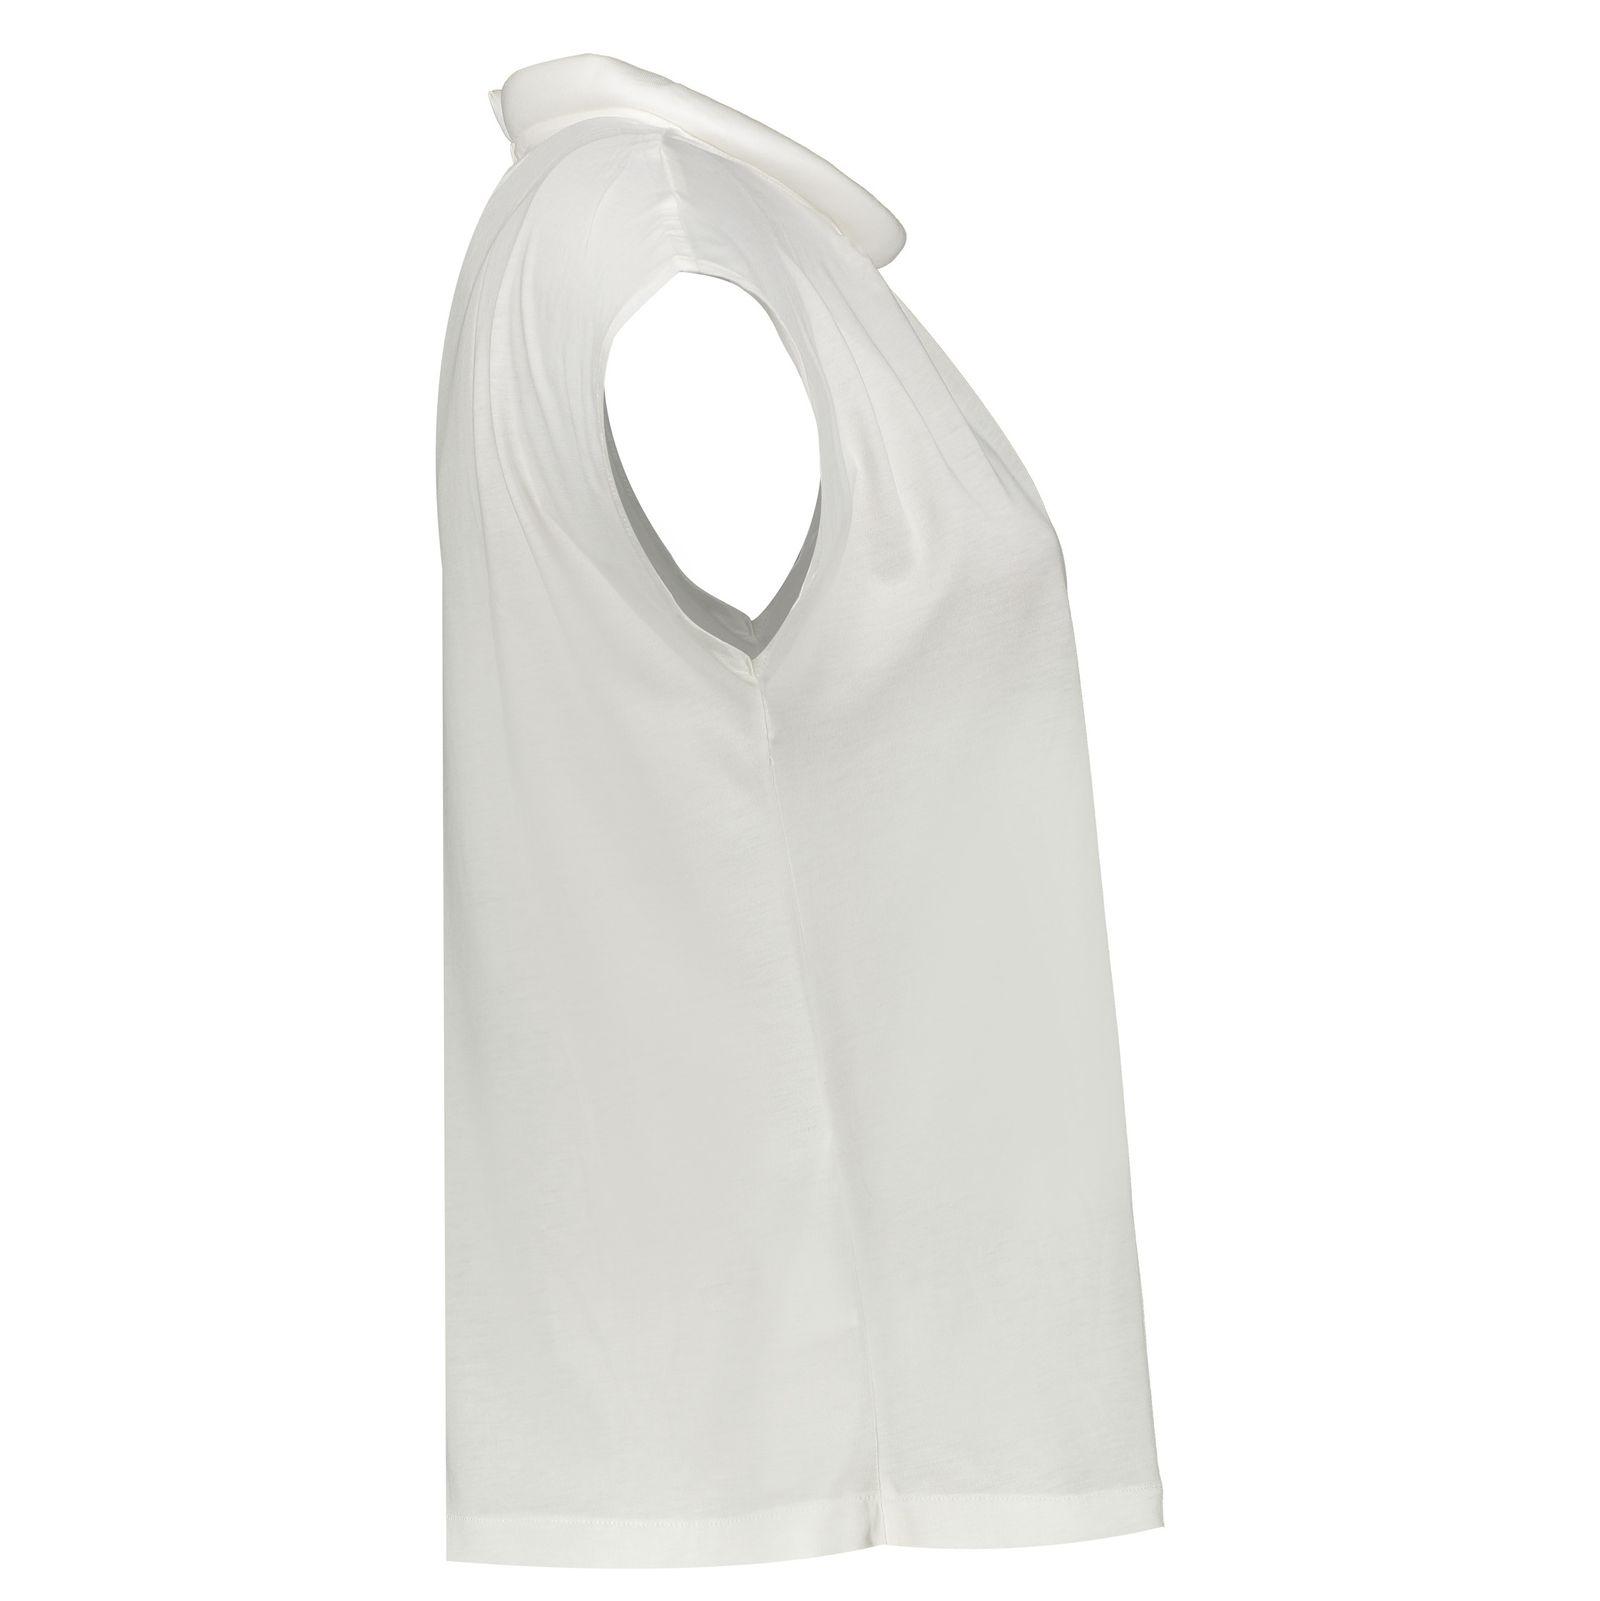 تی شرت یقه گرد زنانه - مانگو - سفید - 2